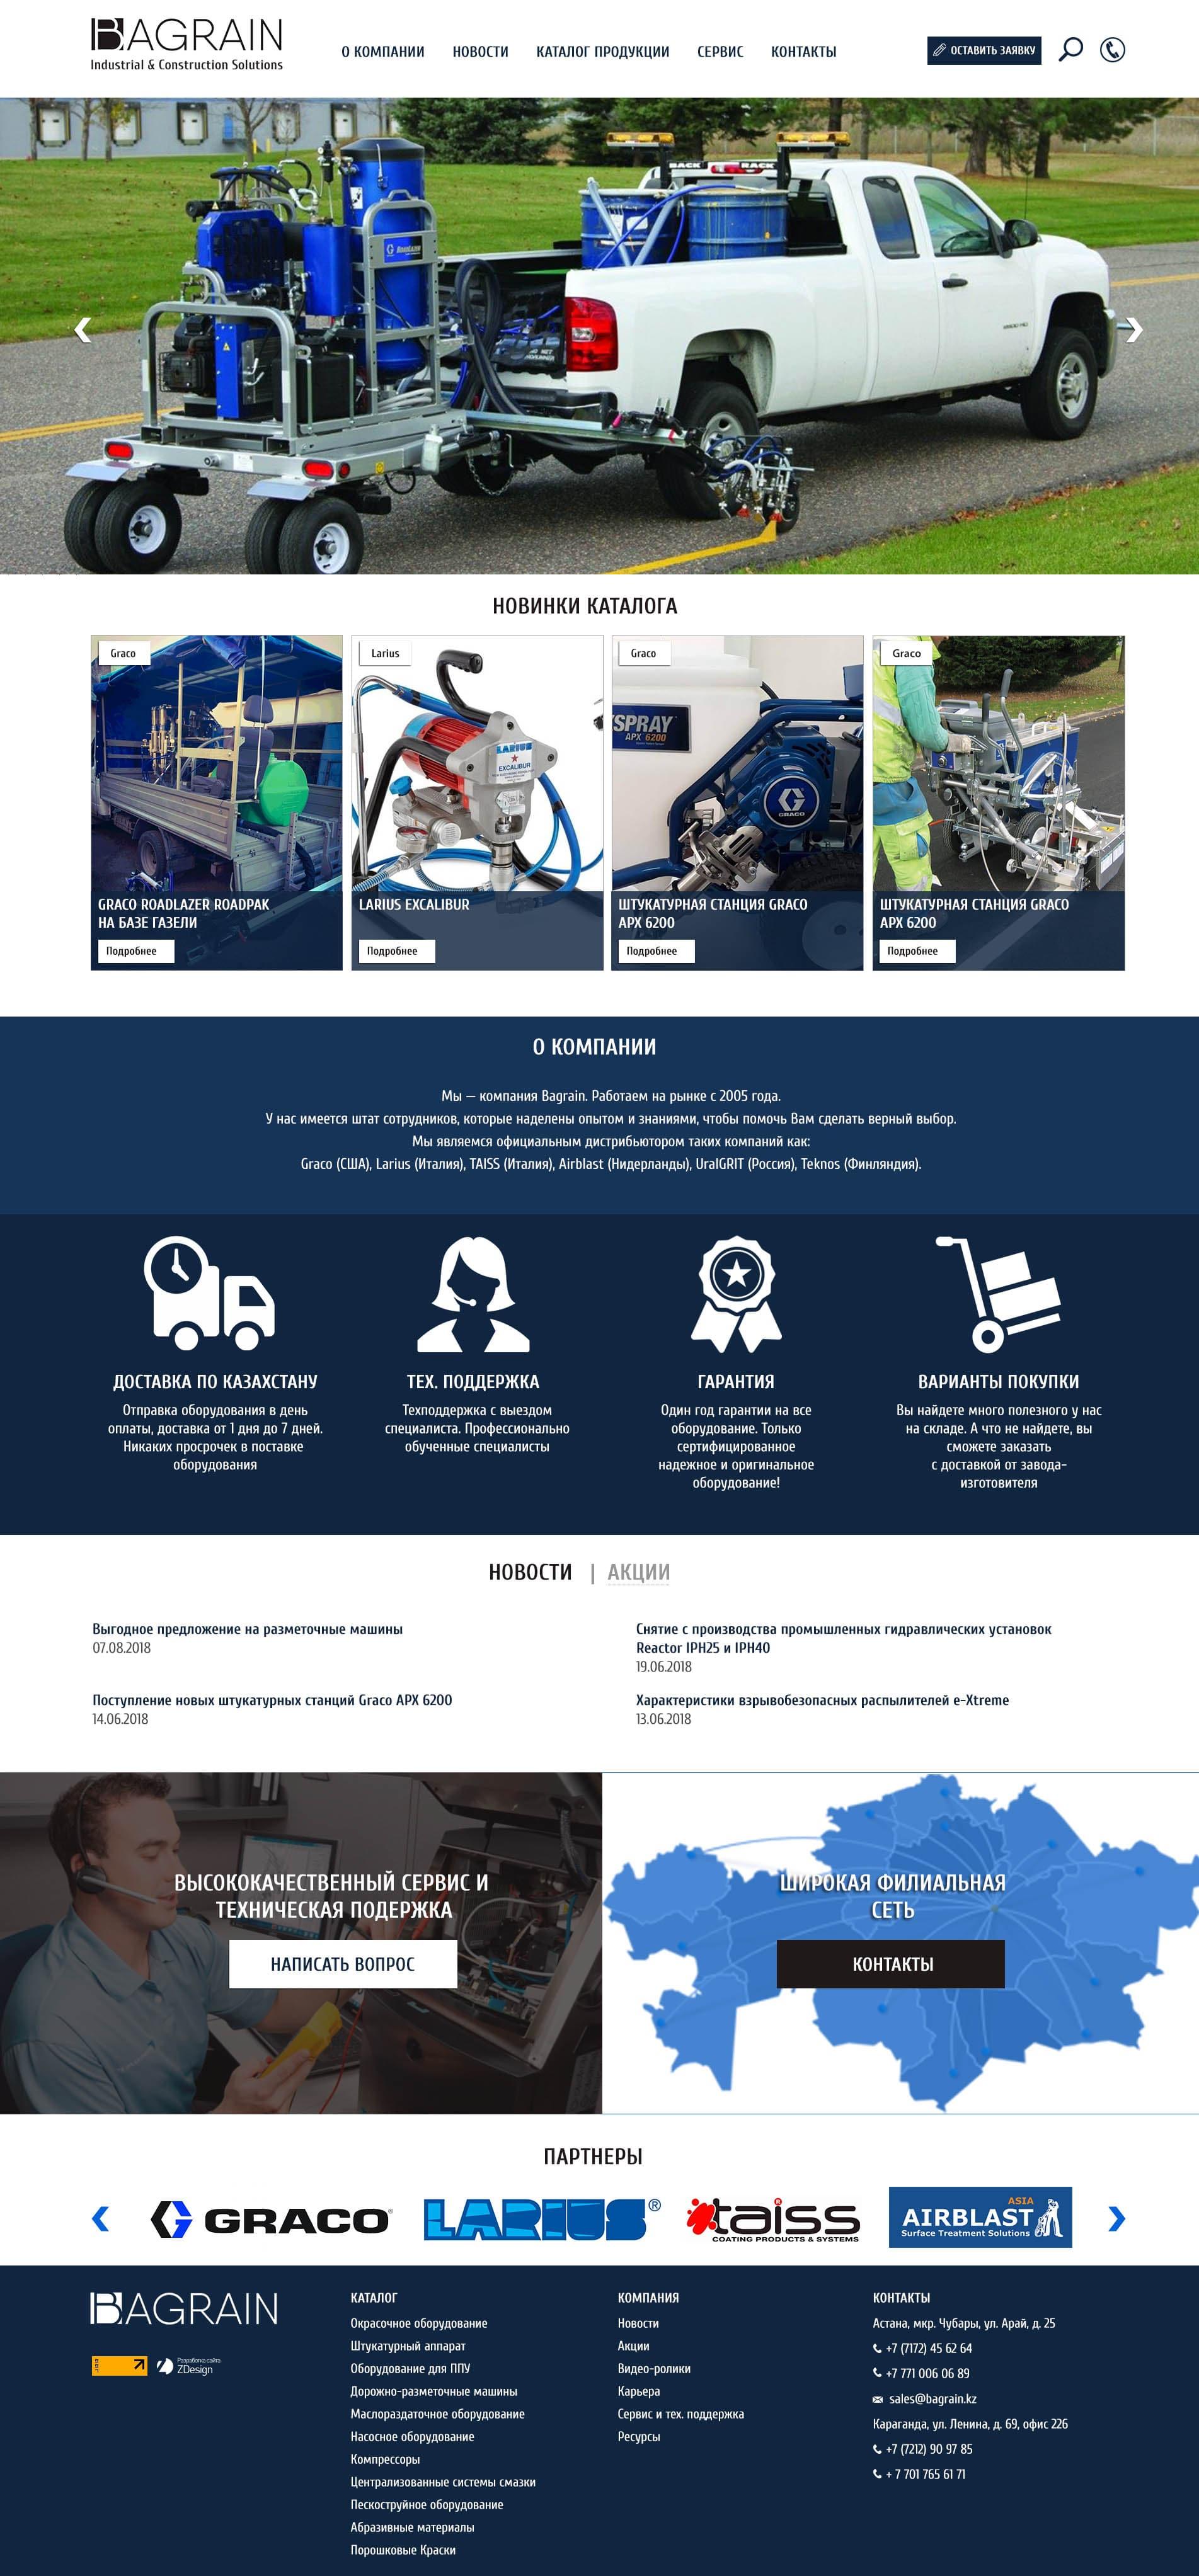 Создание корпоративного сайта с обширным каталогом